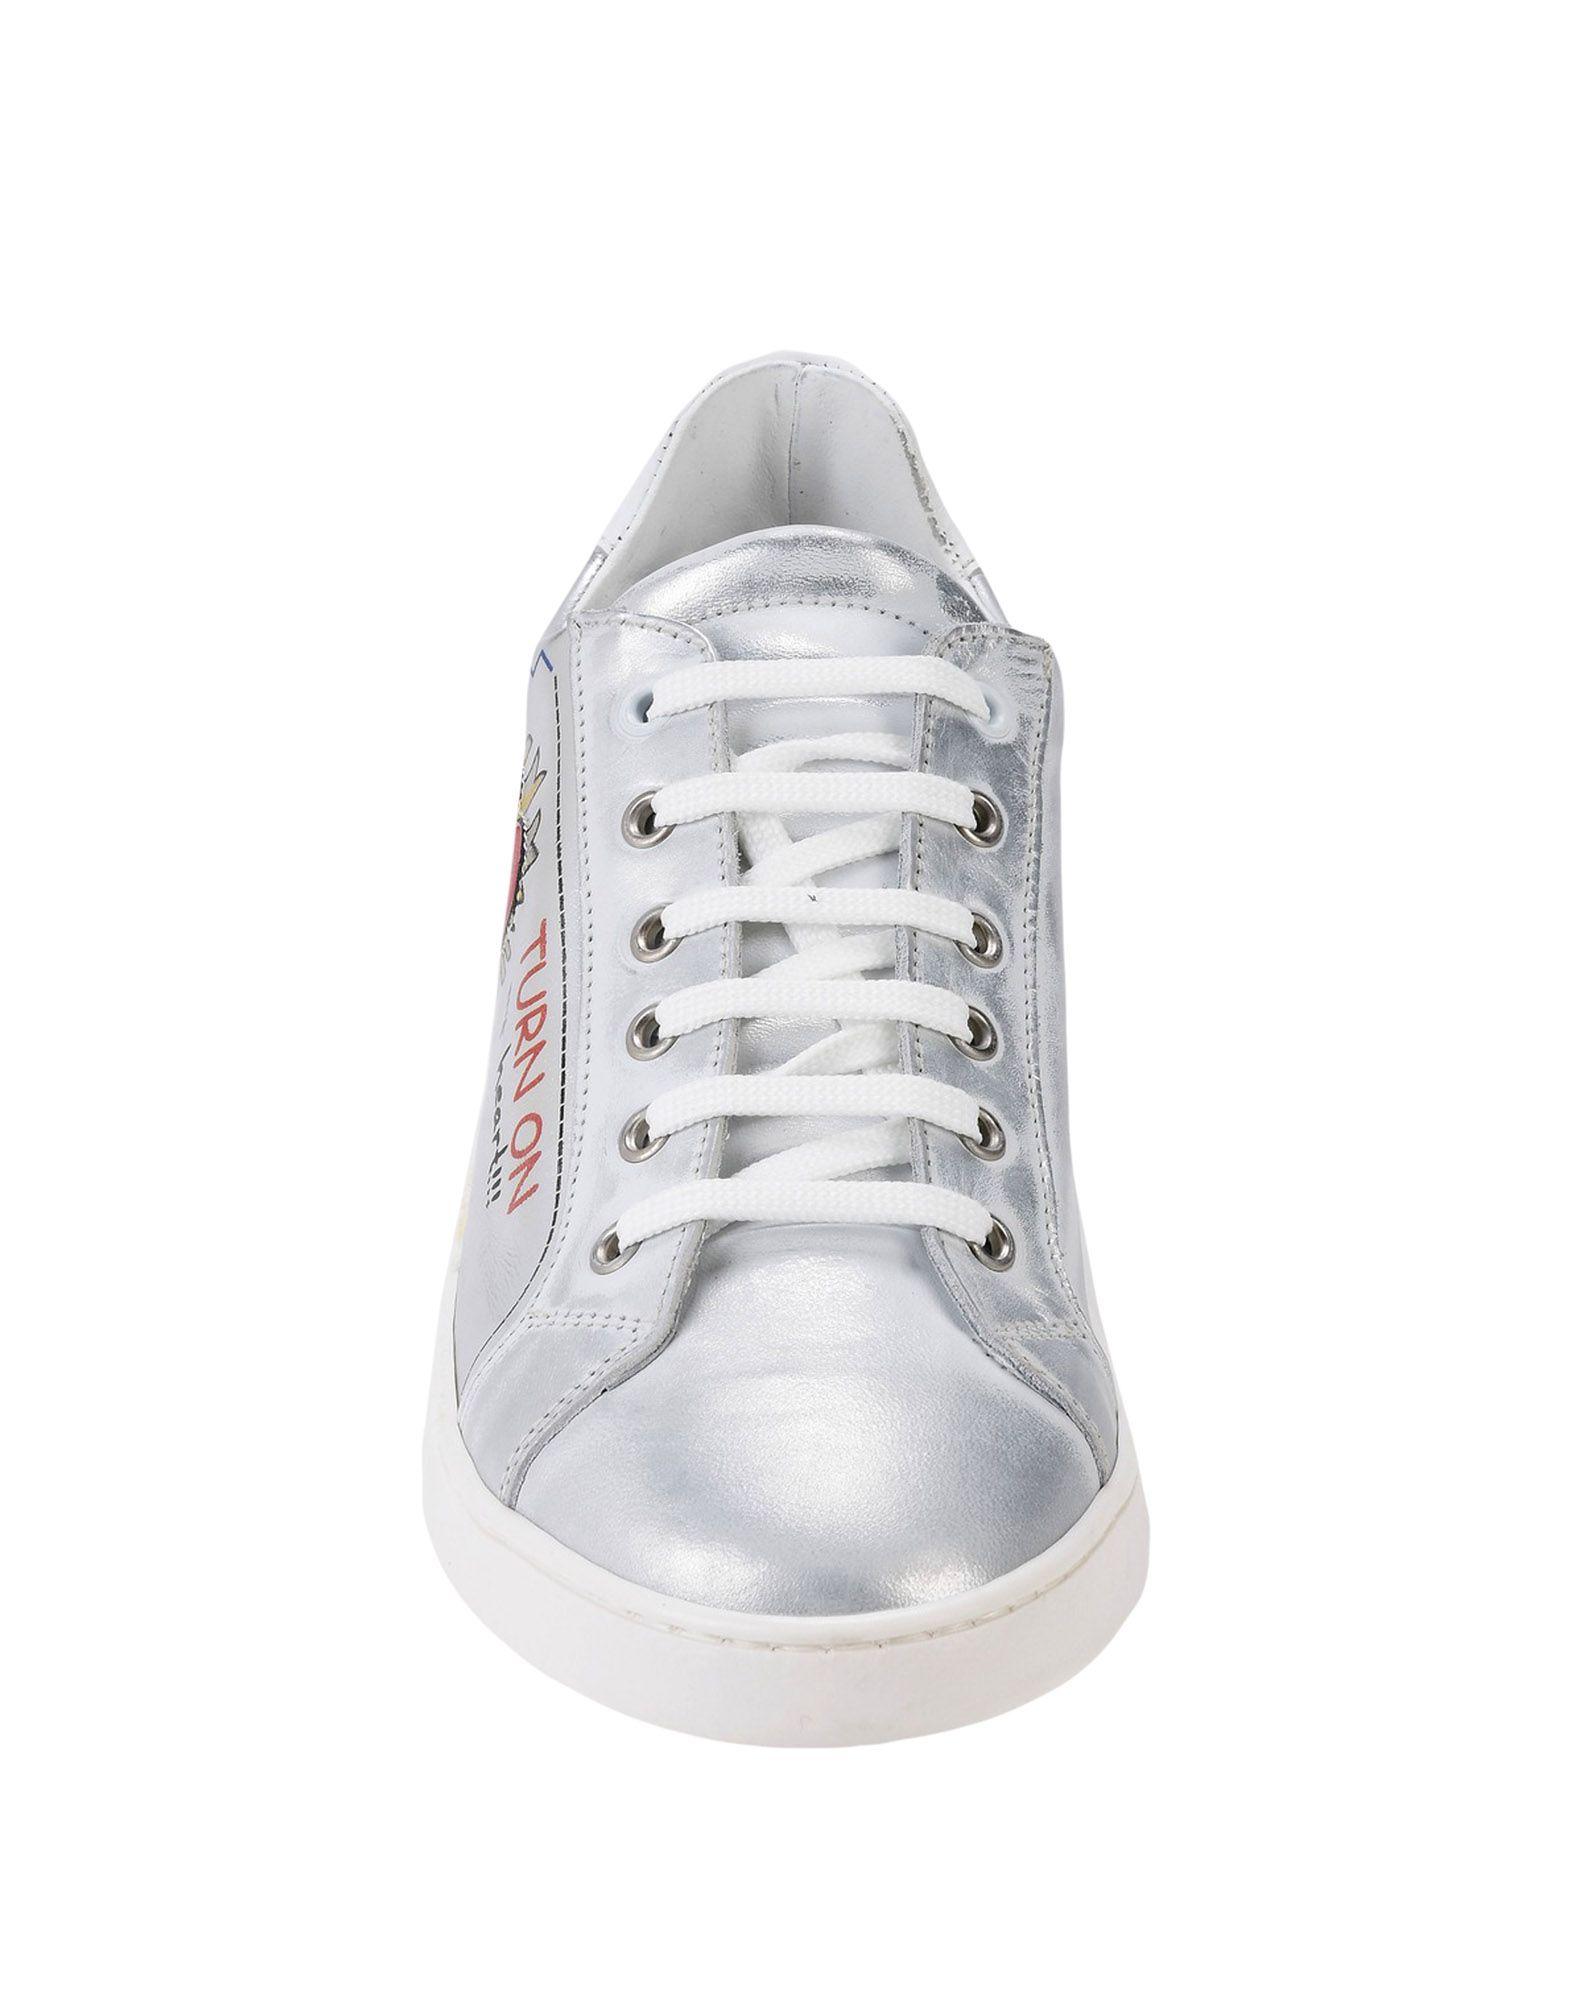 Pierre Darré Gute Sneakers Damen  11430208RX Gute Darré Qualität beliebte Schuhe 9dd4e9